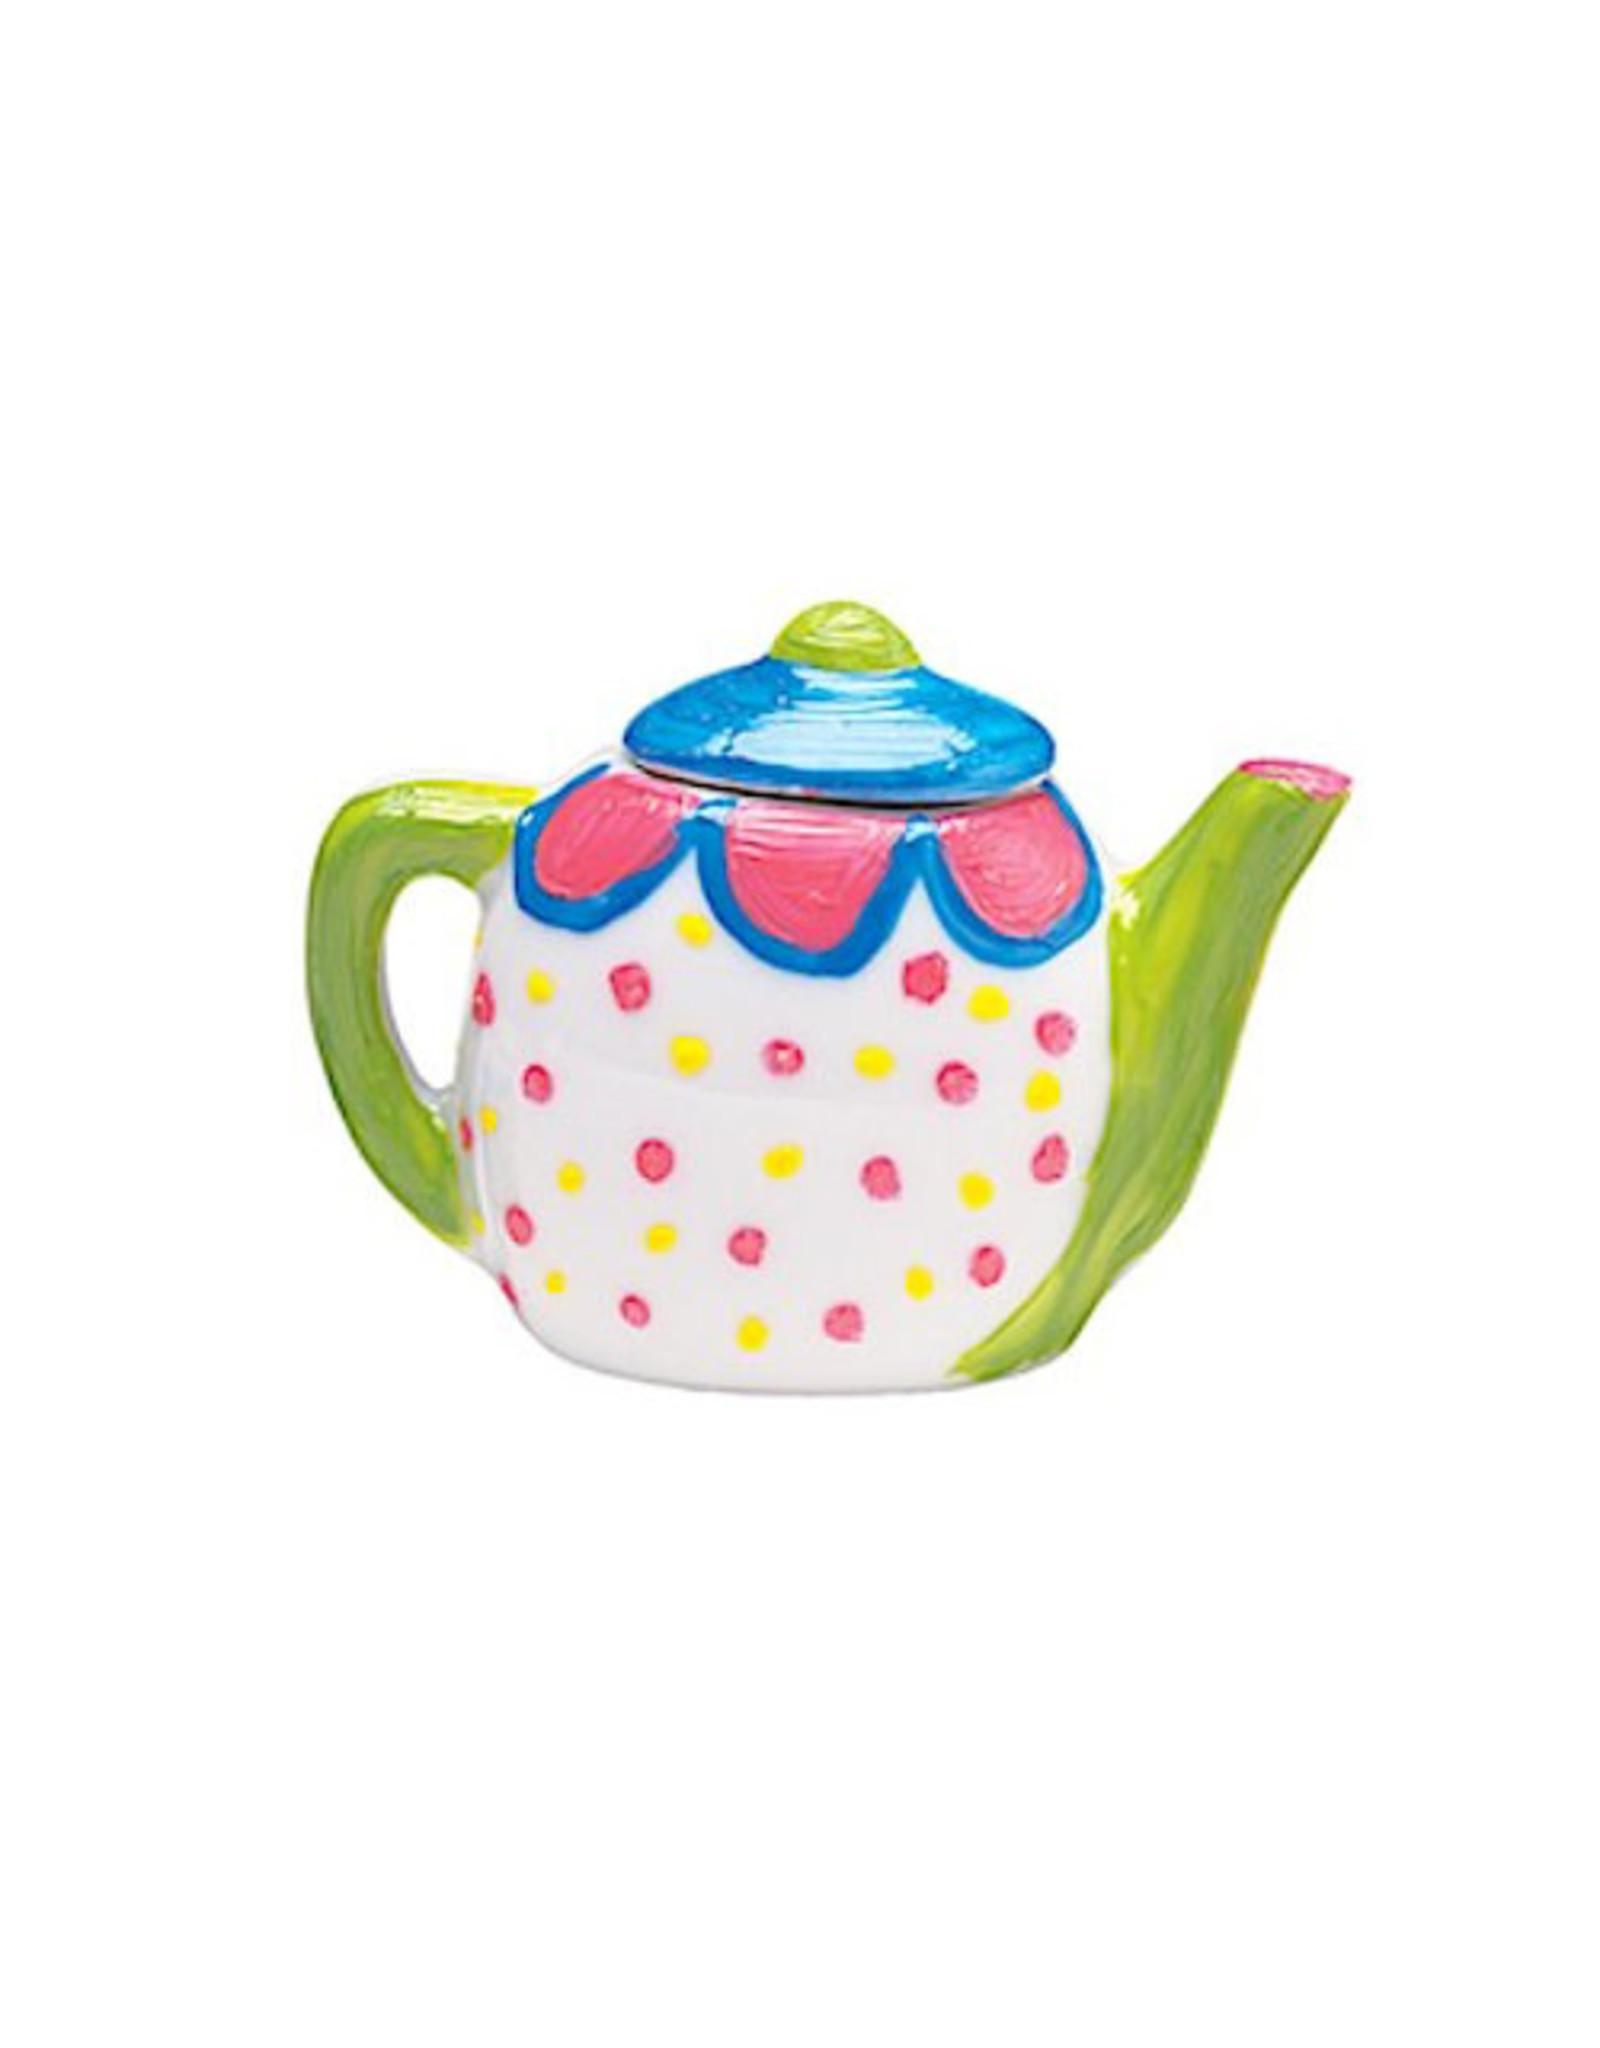 Faber Castell Teeny Tiny Tea Set